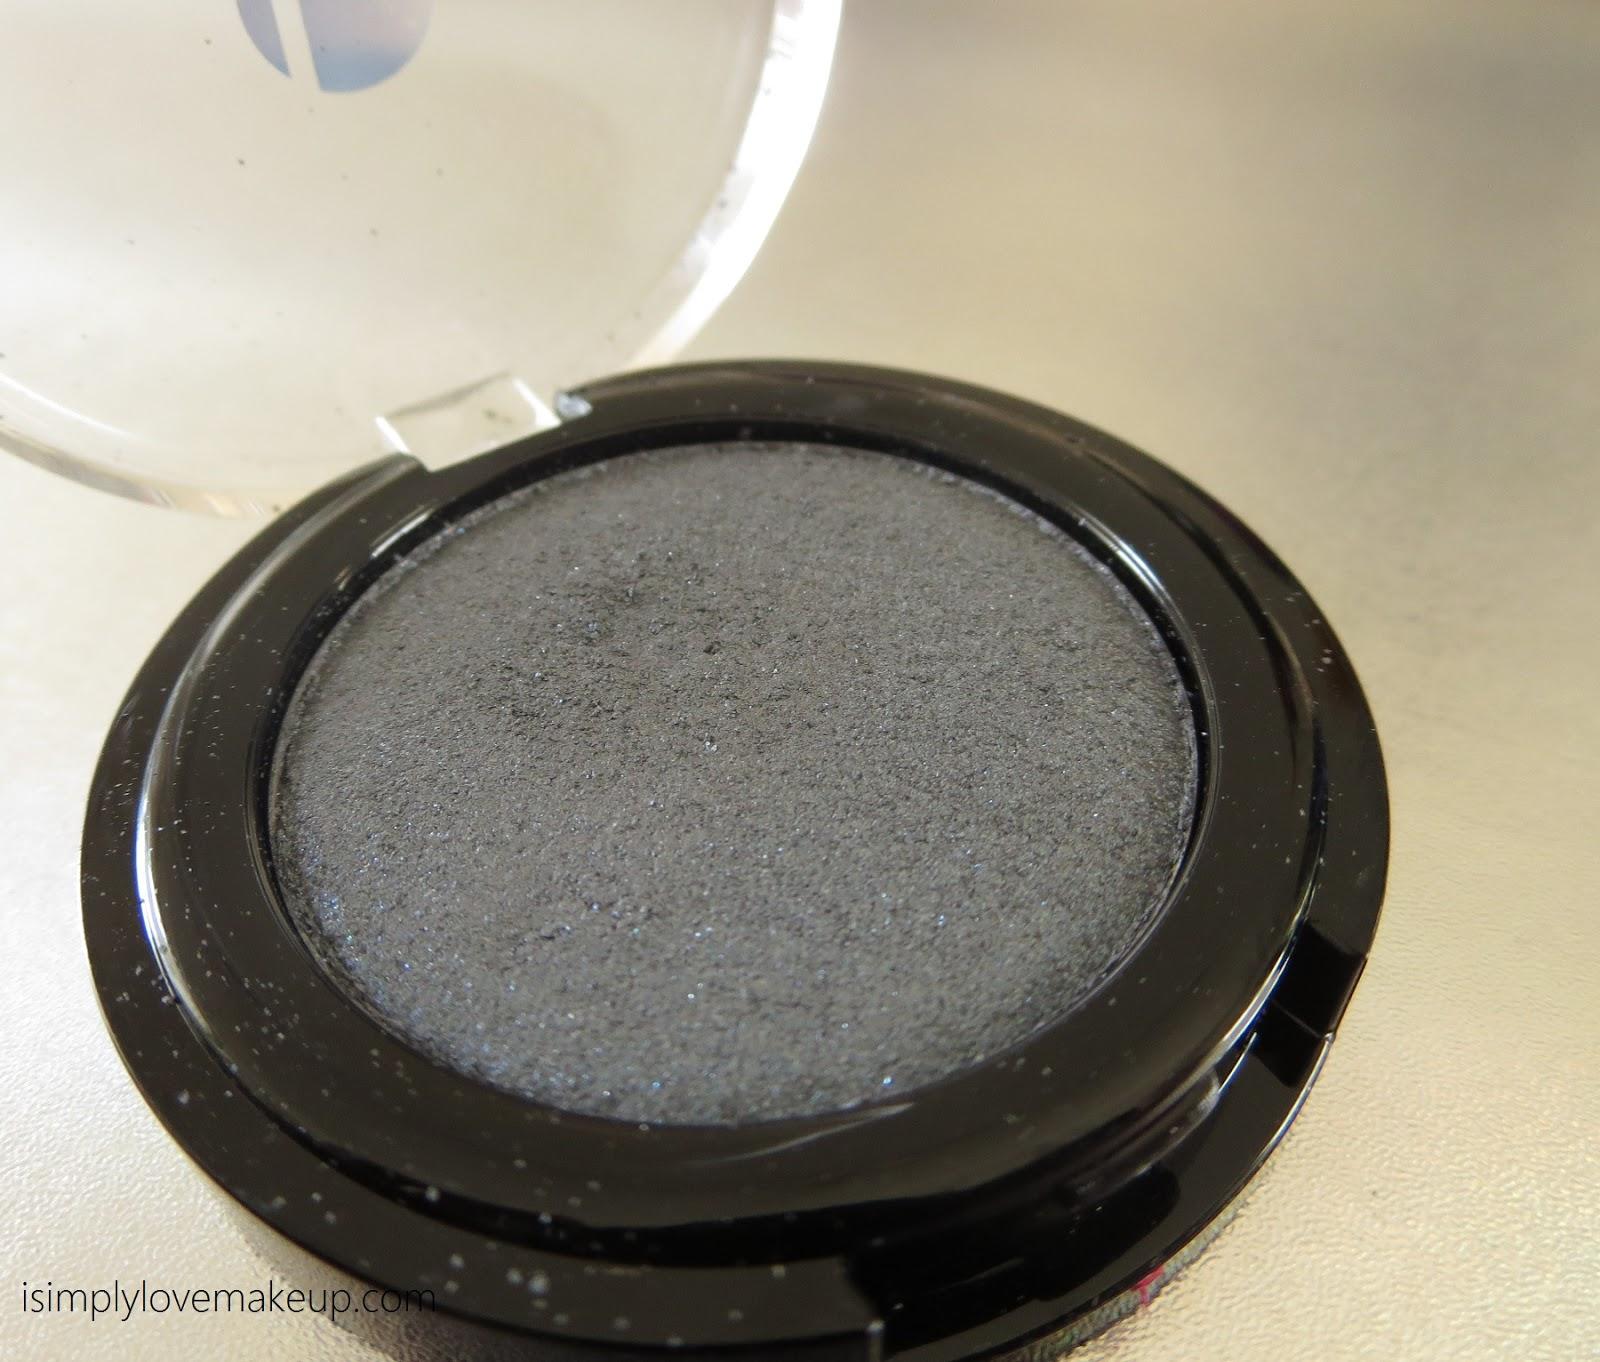 Lakme Absolute Colour Illusion Eyeshadow - Smokey Pearl